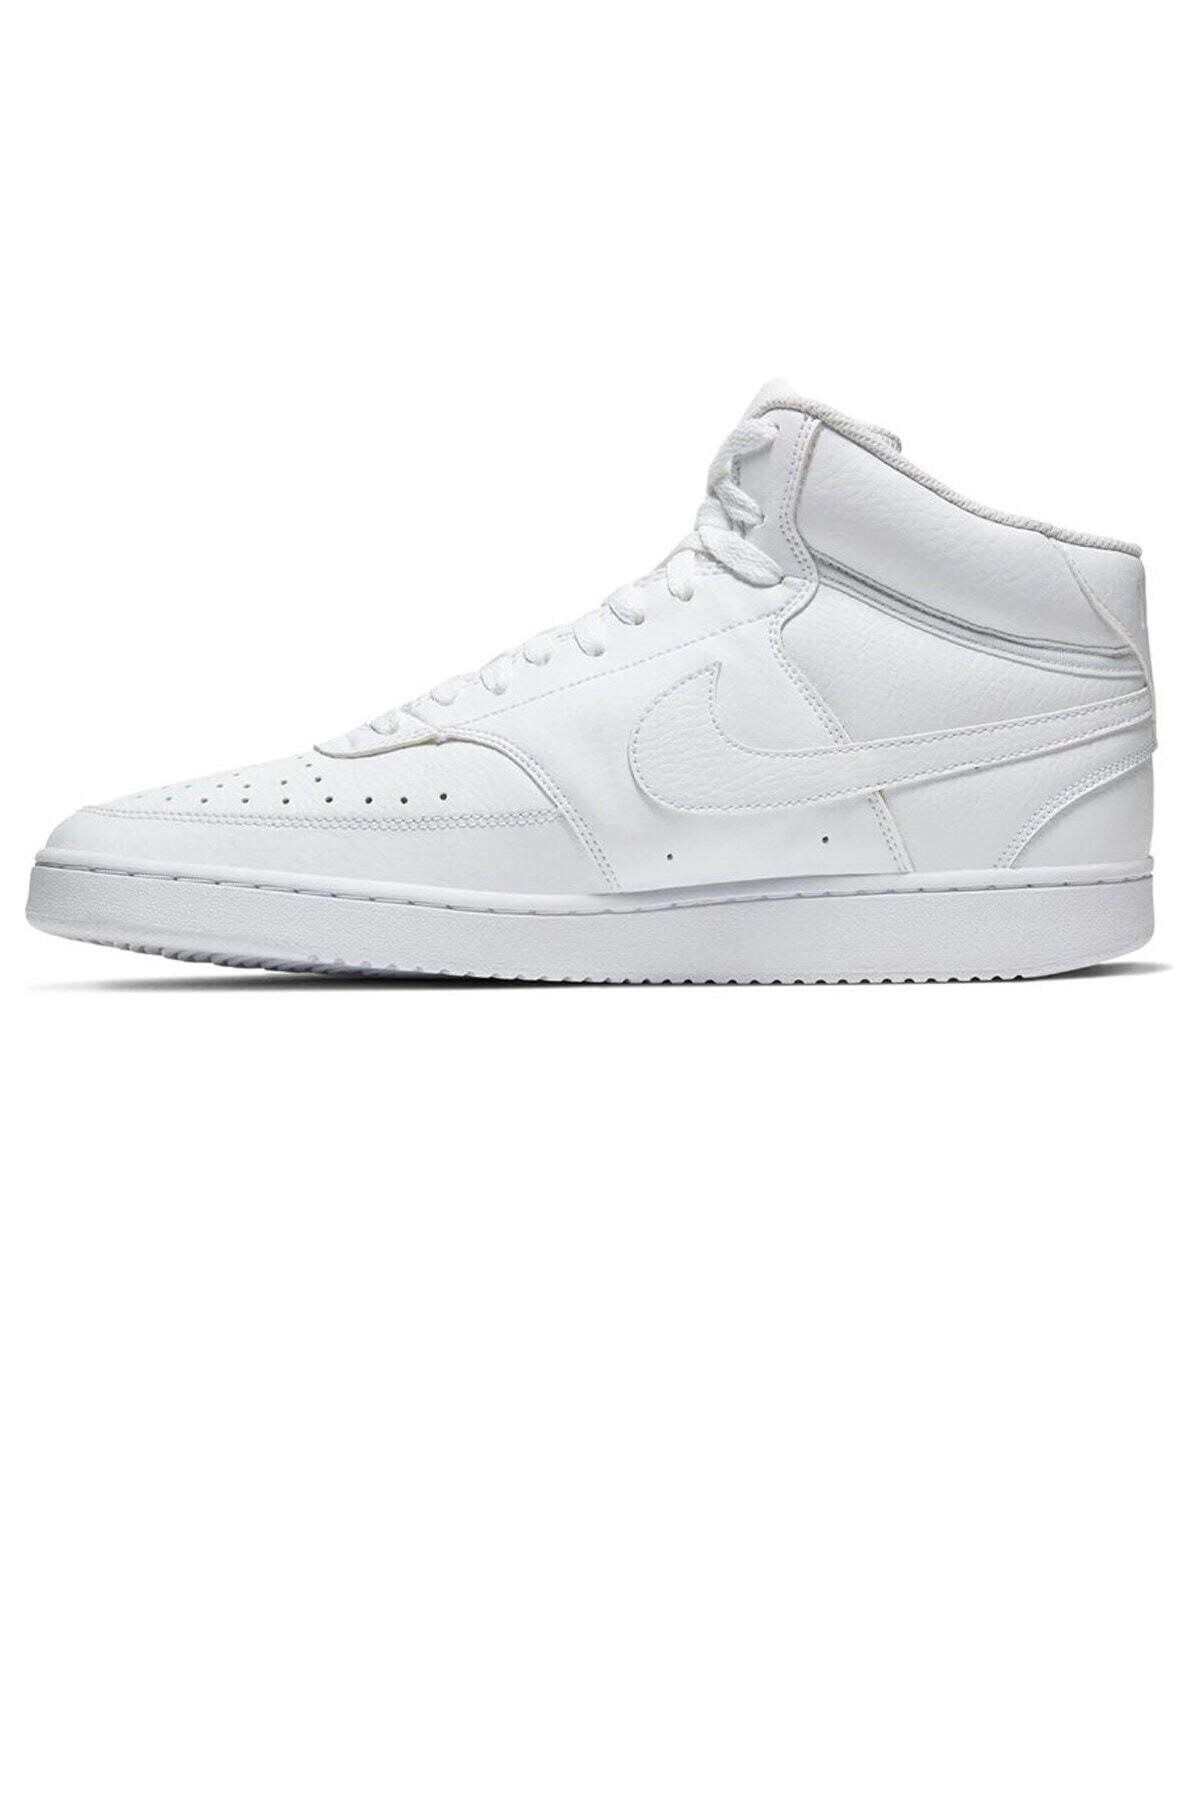 Nike Court Vision Mid Erkek Günlük Ayakkabı Cd5466-100 1